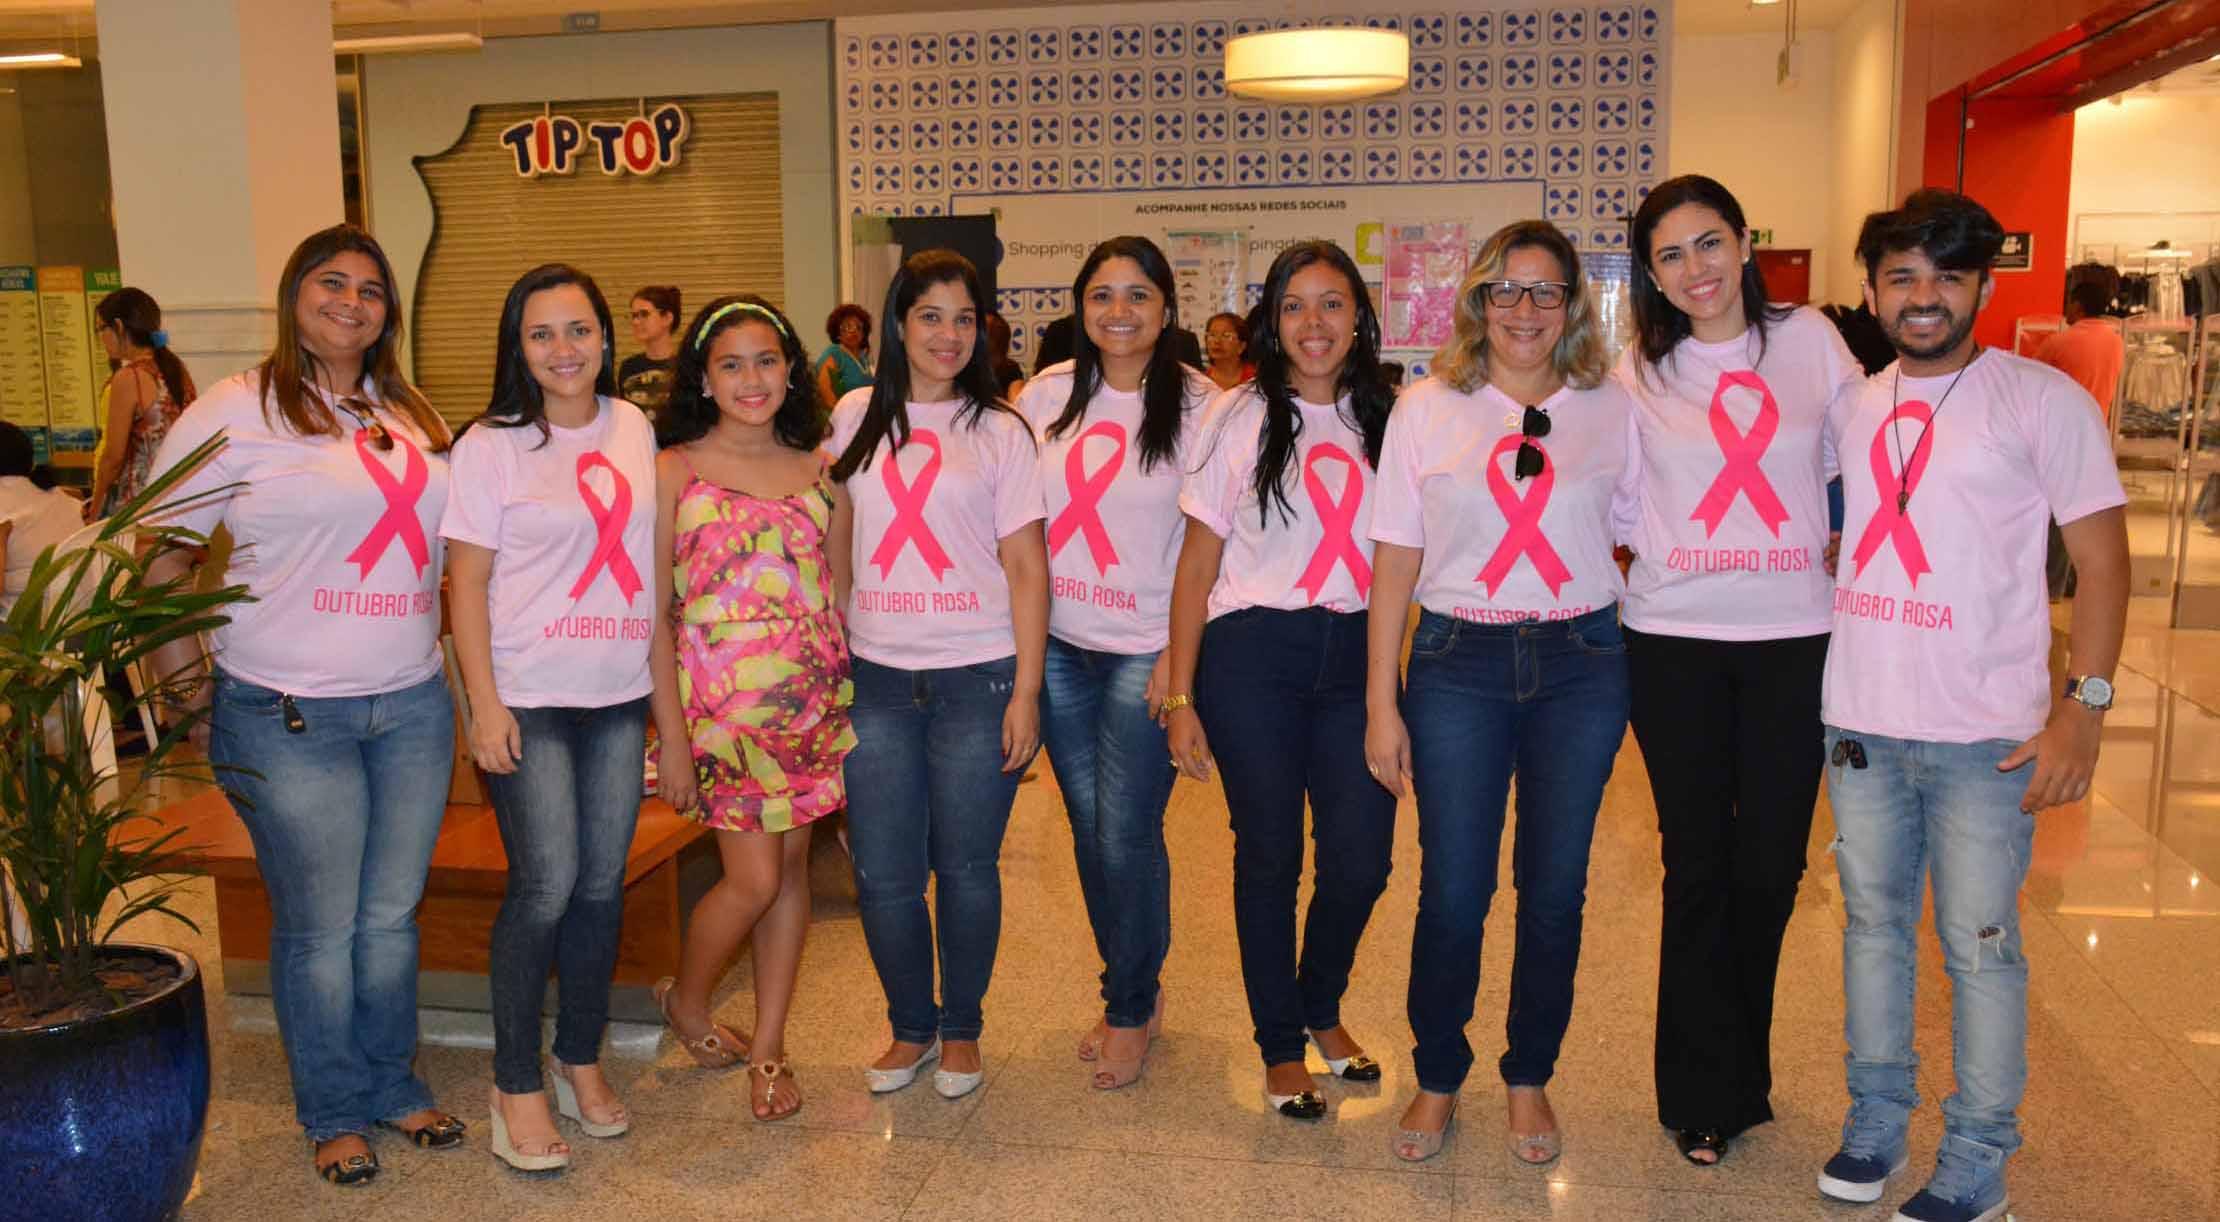 Governo promove ação de mobilização e prevenção ao câncer em shopping da capital  . Foto: Francisco Campos/SES